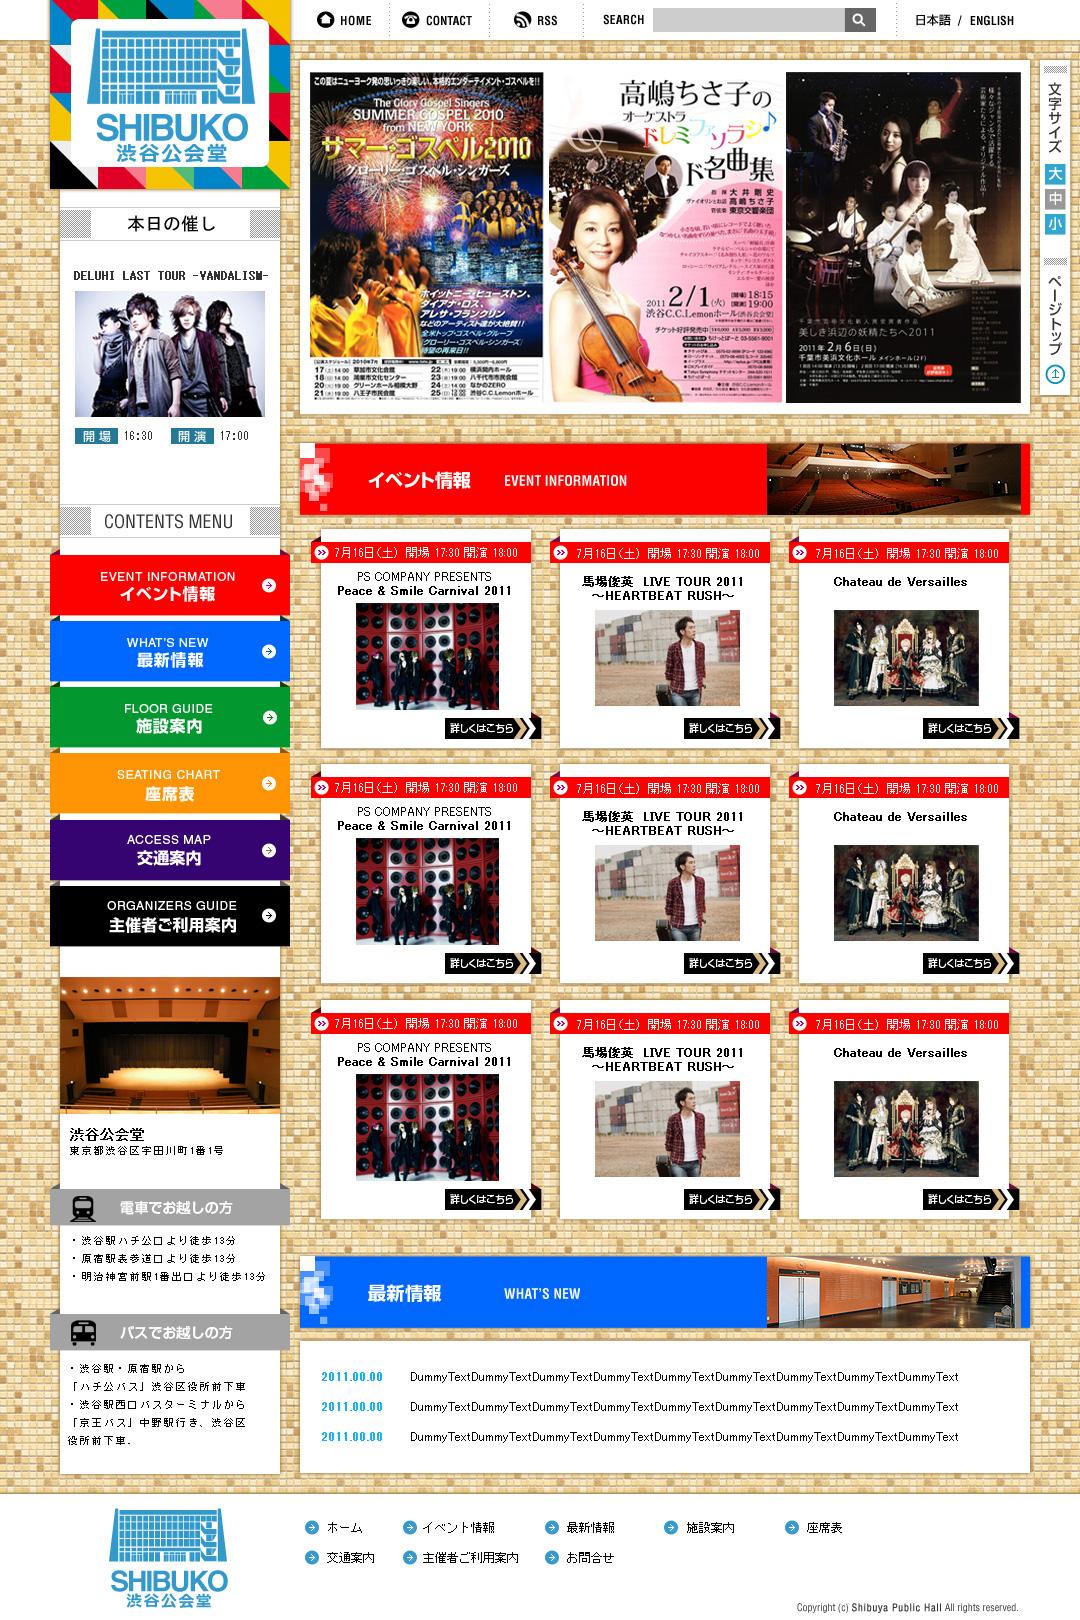 ホームページ画面01_渋谷公会堂